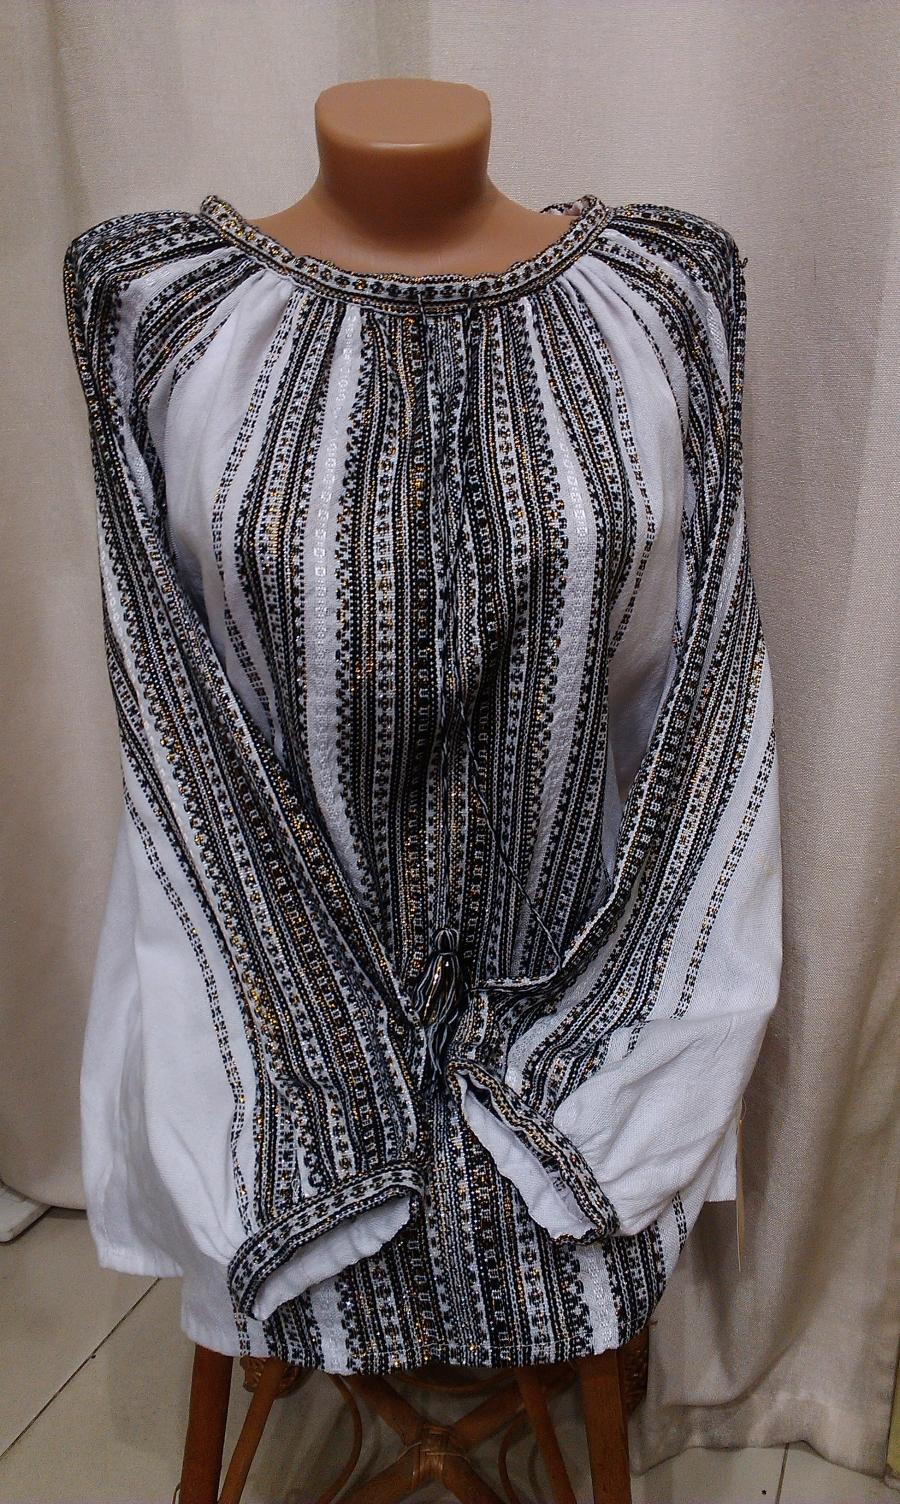 Блузка ткана на верстаті сіра. цена  700 грн. Ручна вишивка. Жіночий ... 991fdb90b545a